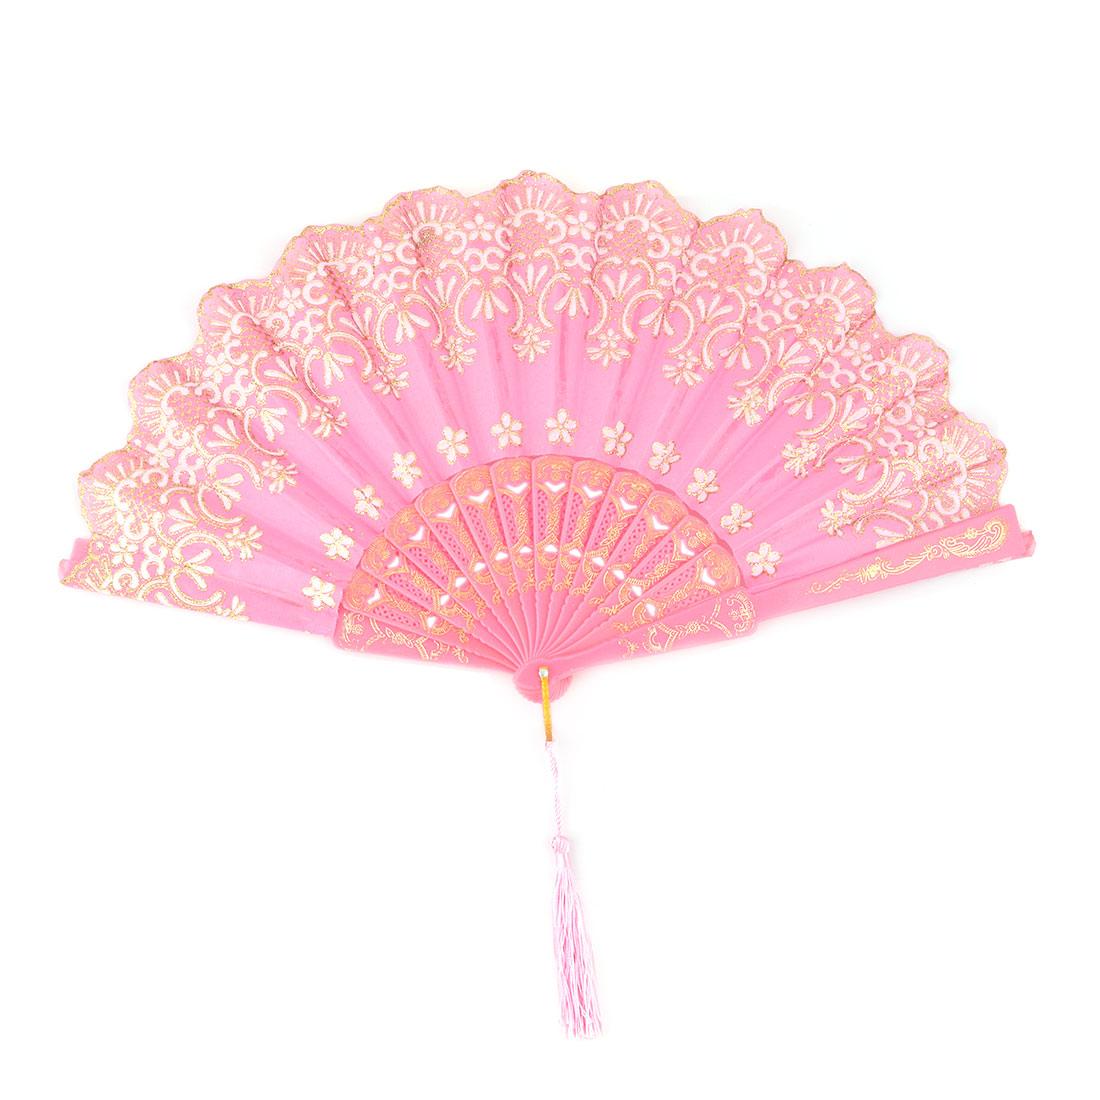 Women Dancing Polyester Flower Pattern Tassel Decor Handheld Cooling Folding Fan Pink